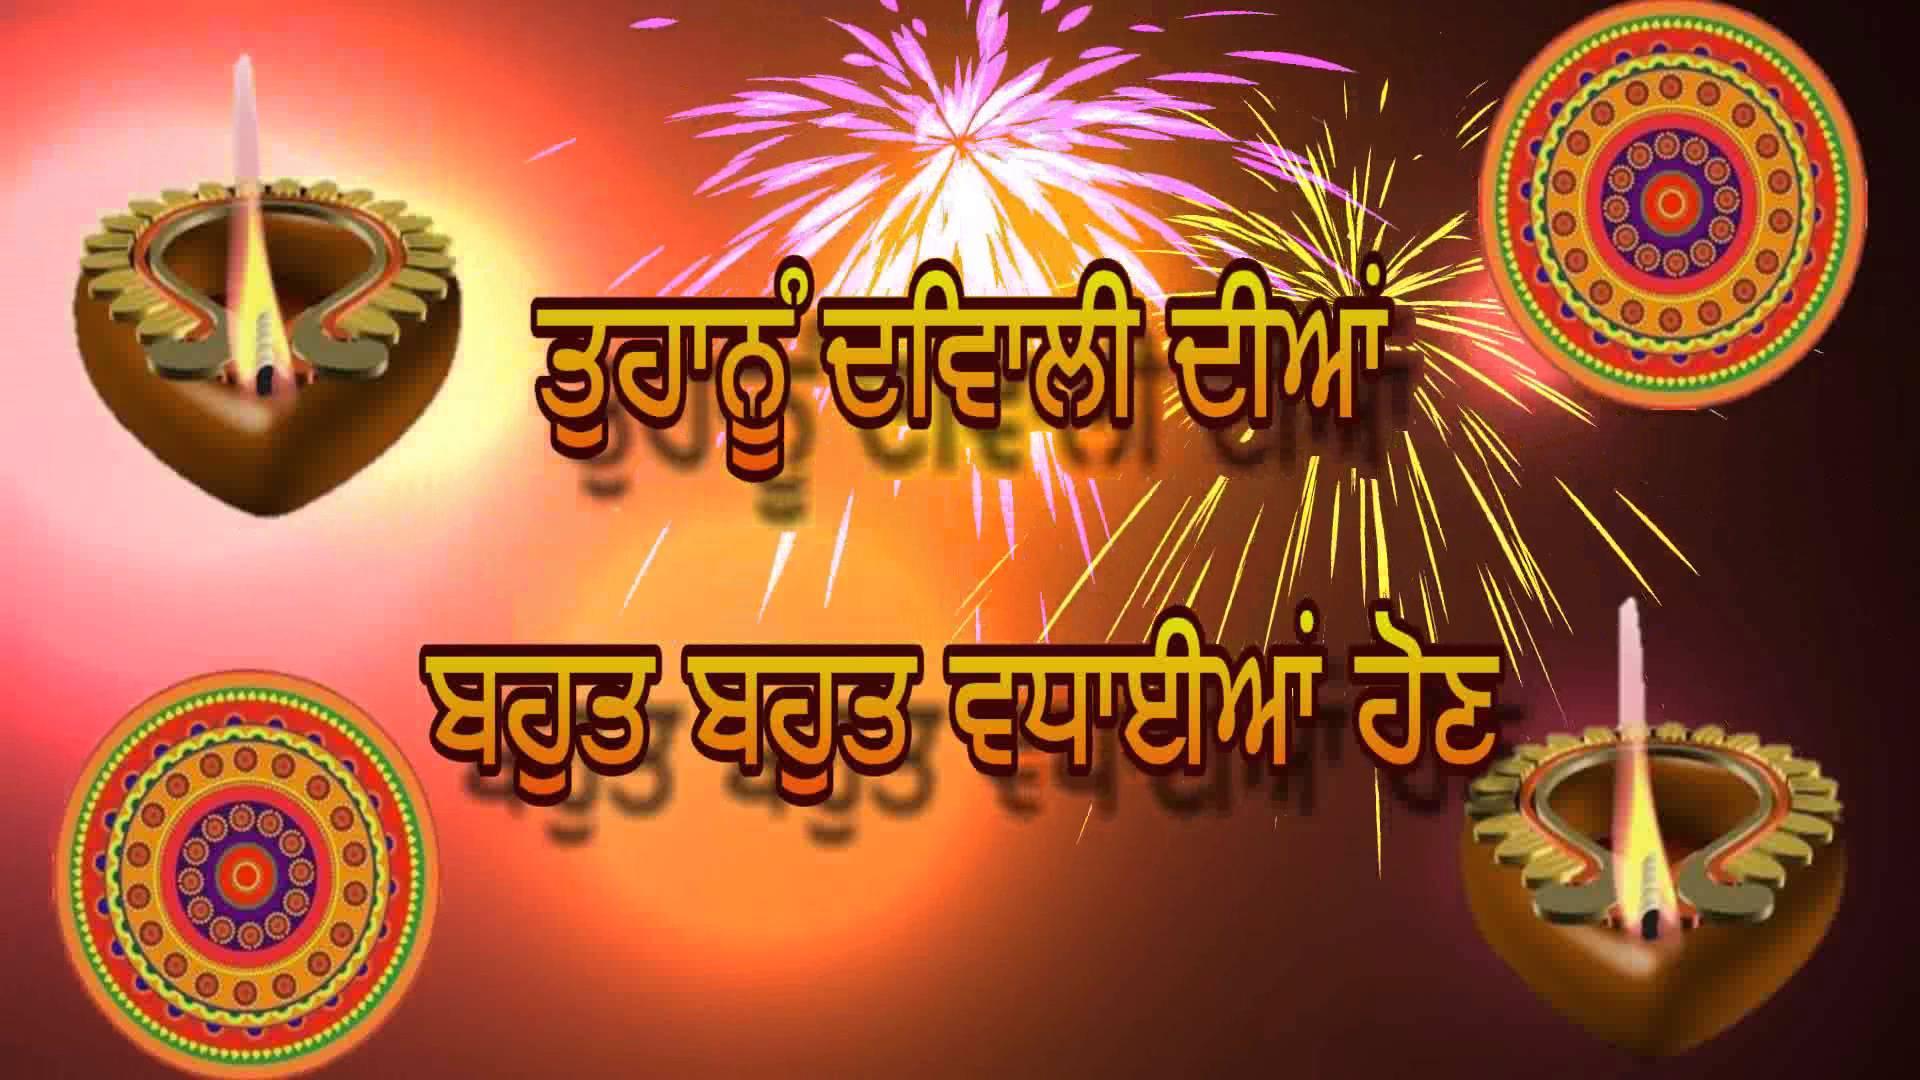 Happy Diwali Punjabi Greetings